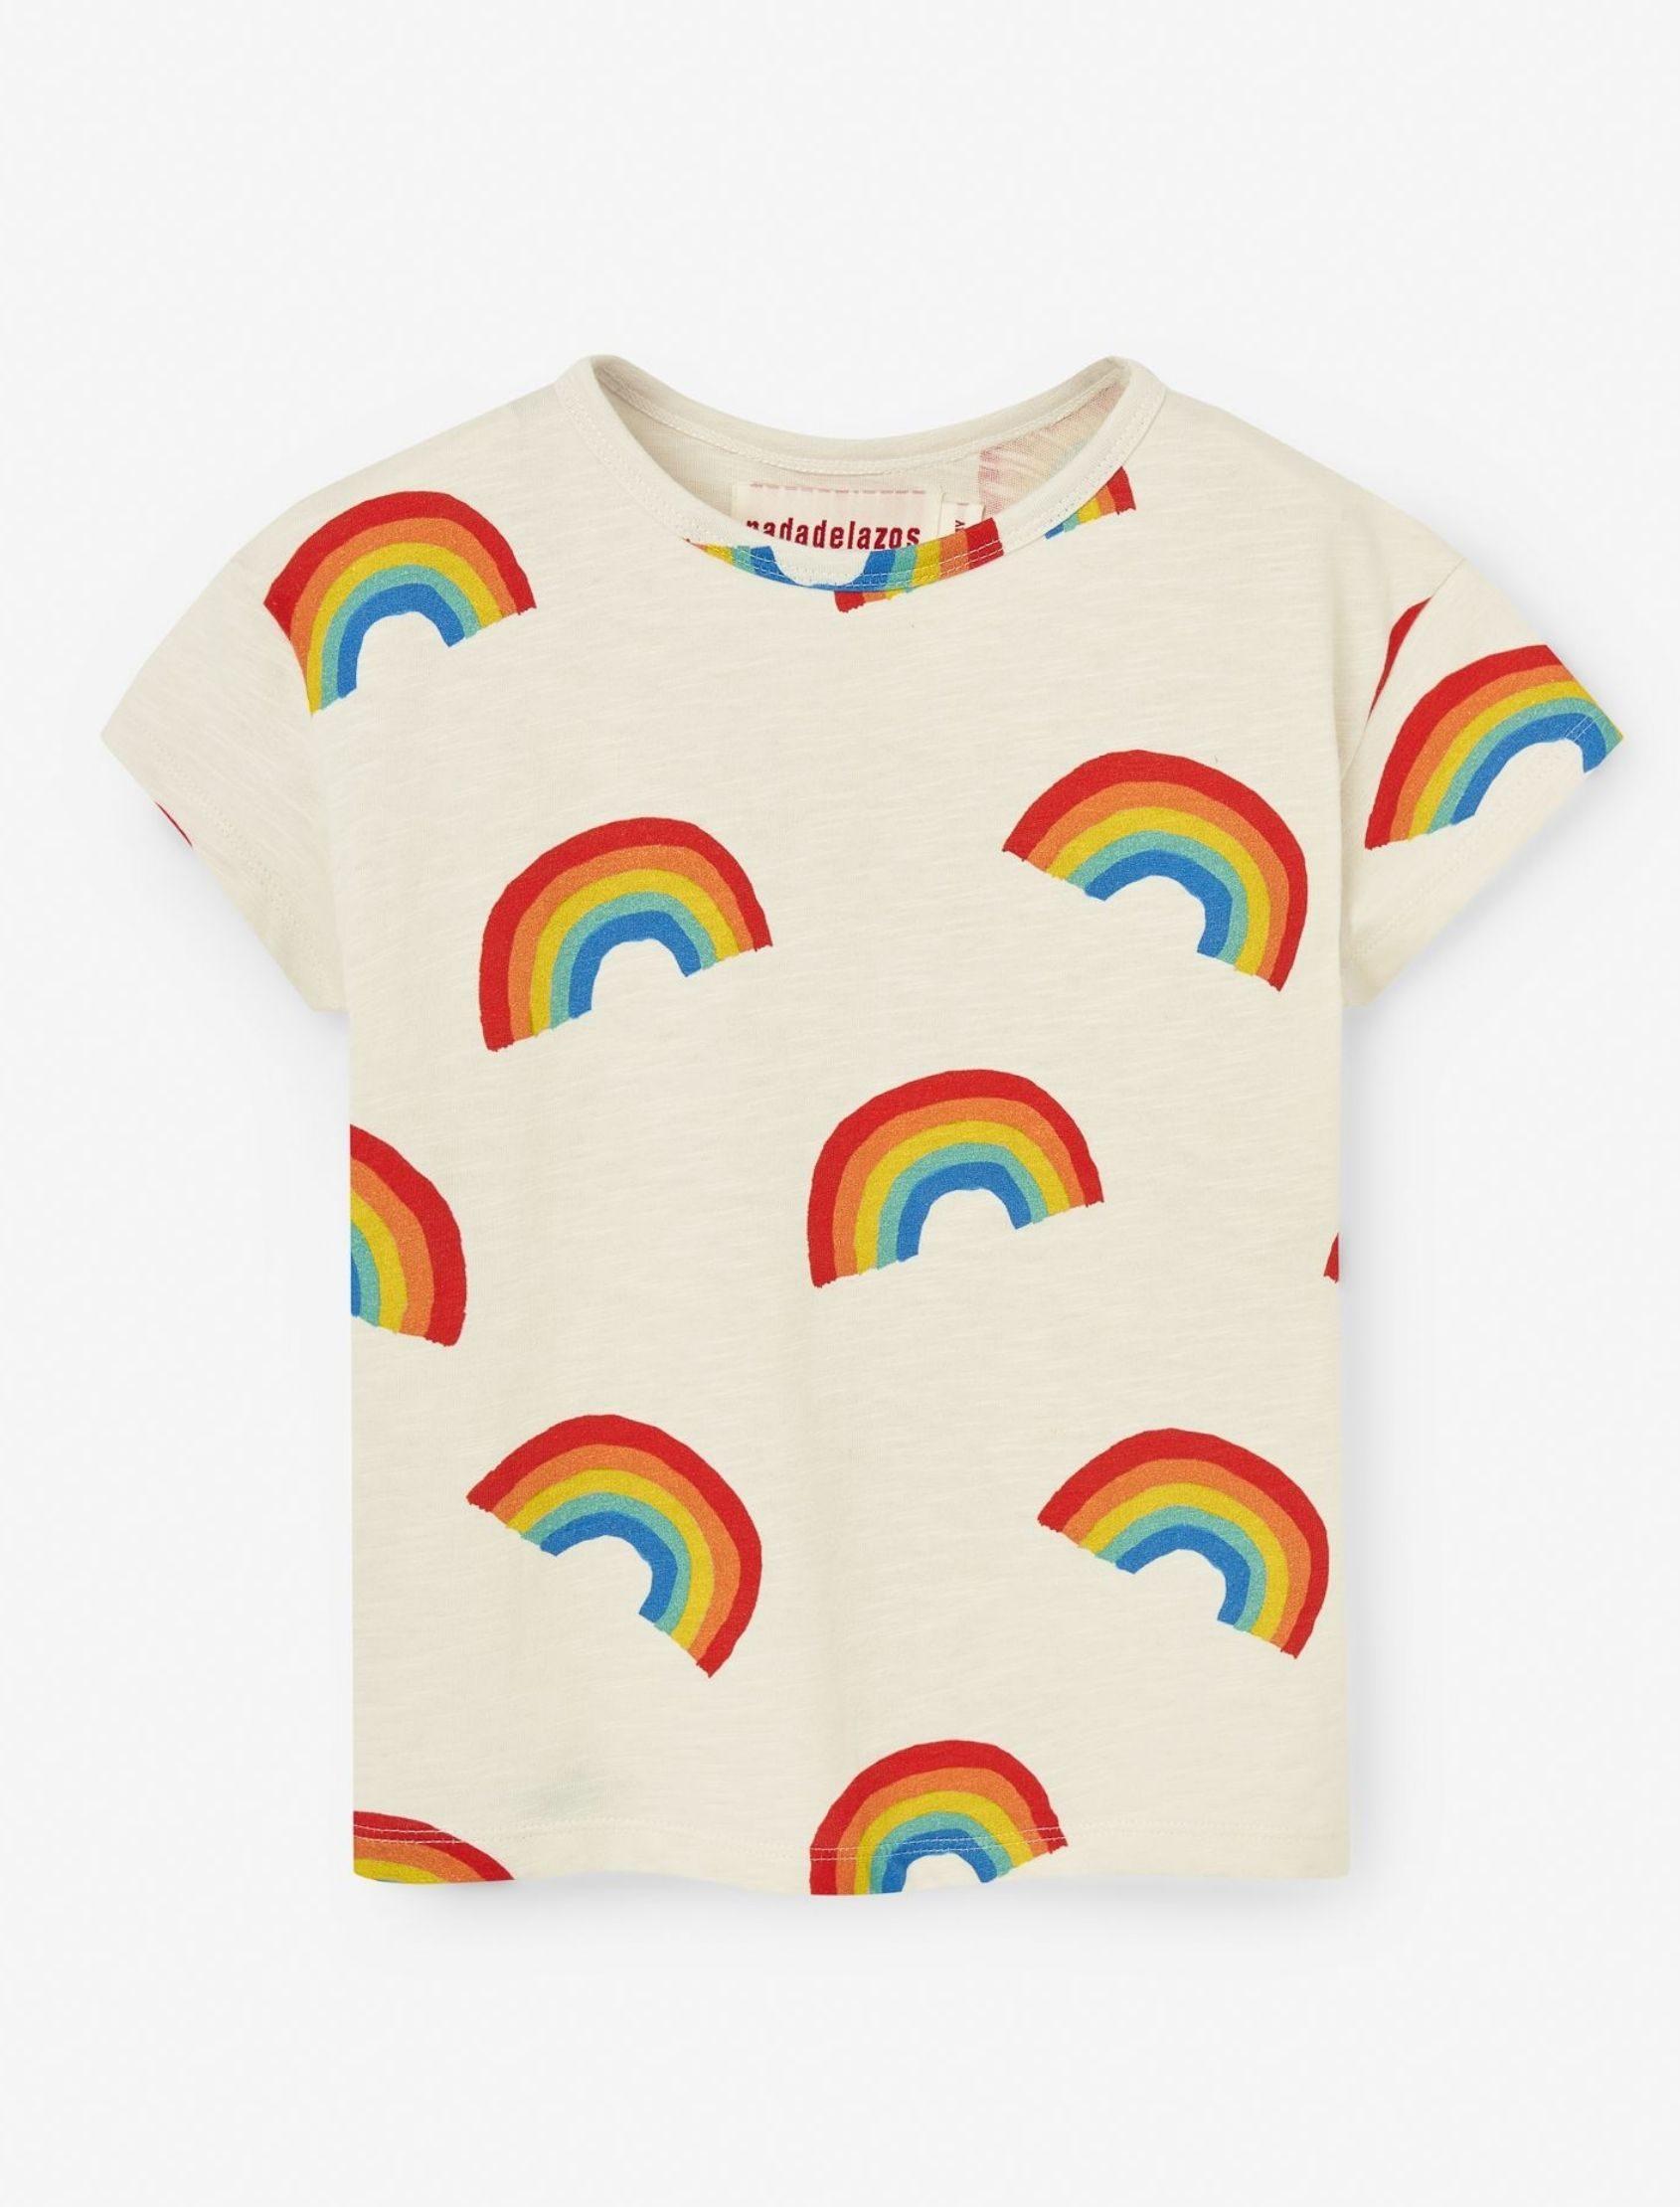 camiseta arcoiris nadadelazos